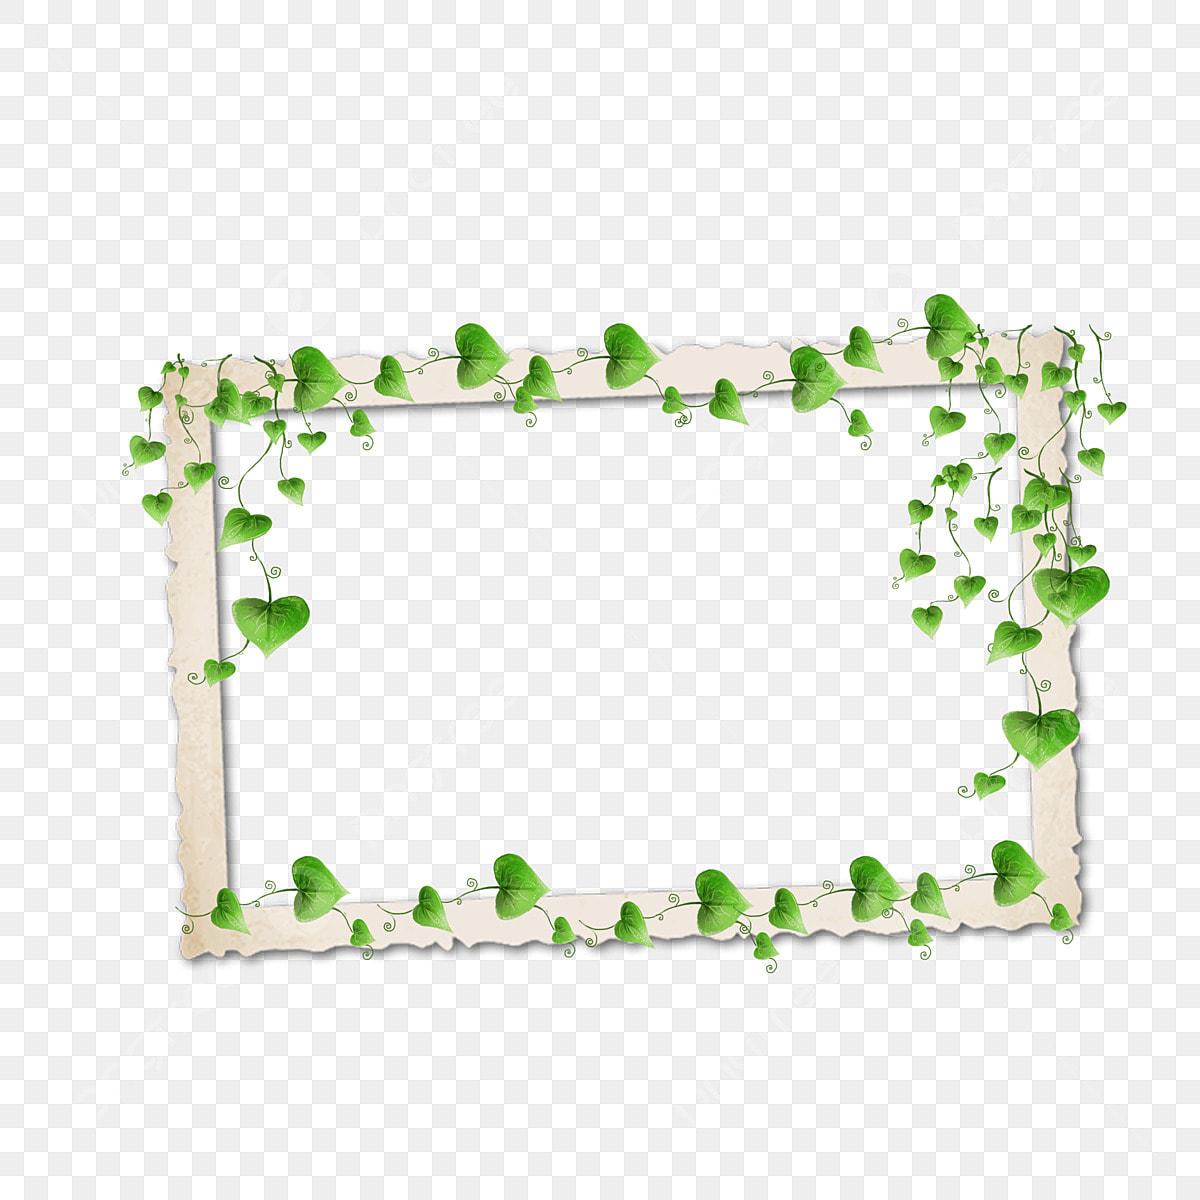 gambar bingkai foto hijau daun hijau pokok hijau kartun minimalis dijahit bingkai foto hijau png dan psd untuk muat turun percuma https ms pngtree com freepng green photo frame green leaves green vine cartoon 3937683 html